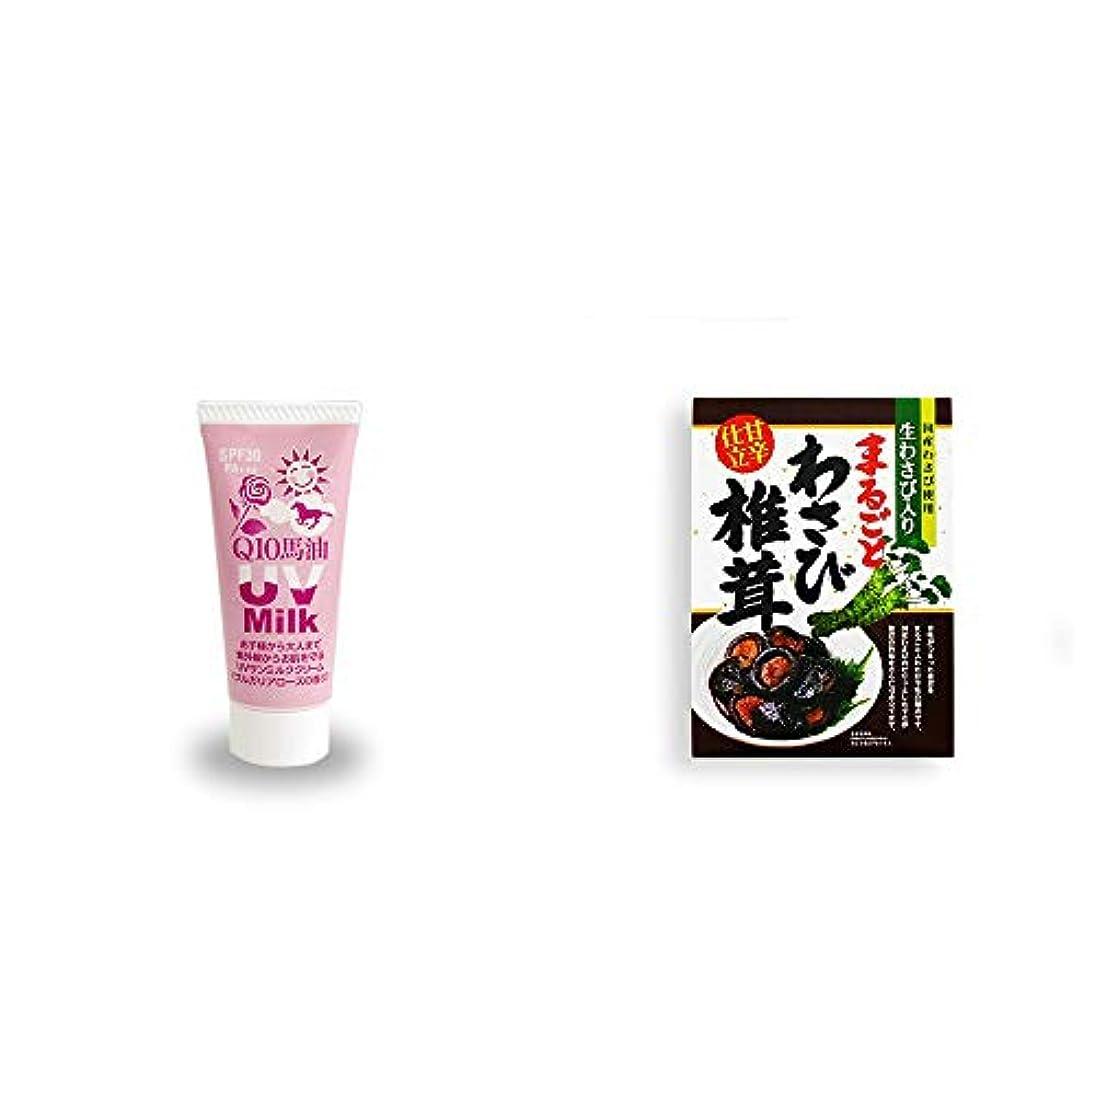 [2点セット] 炭黒泉 Q10馬油 UVサンミルク[ブルガリアローズ](40g)?まるごとわさび椎茸(200g)